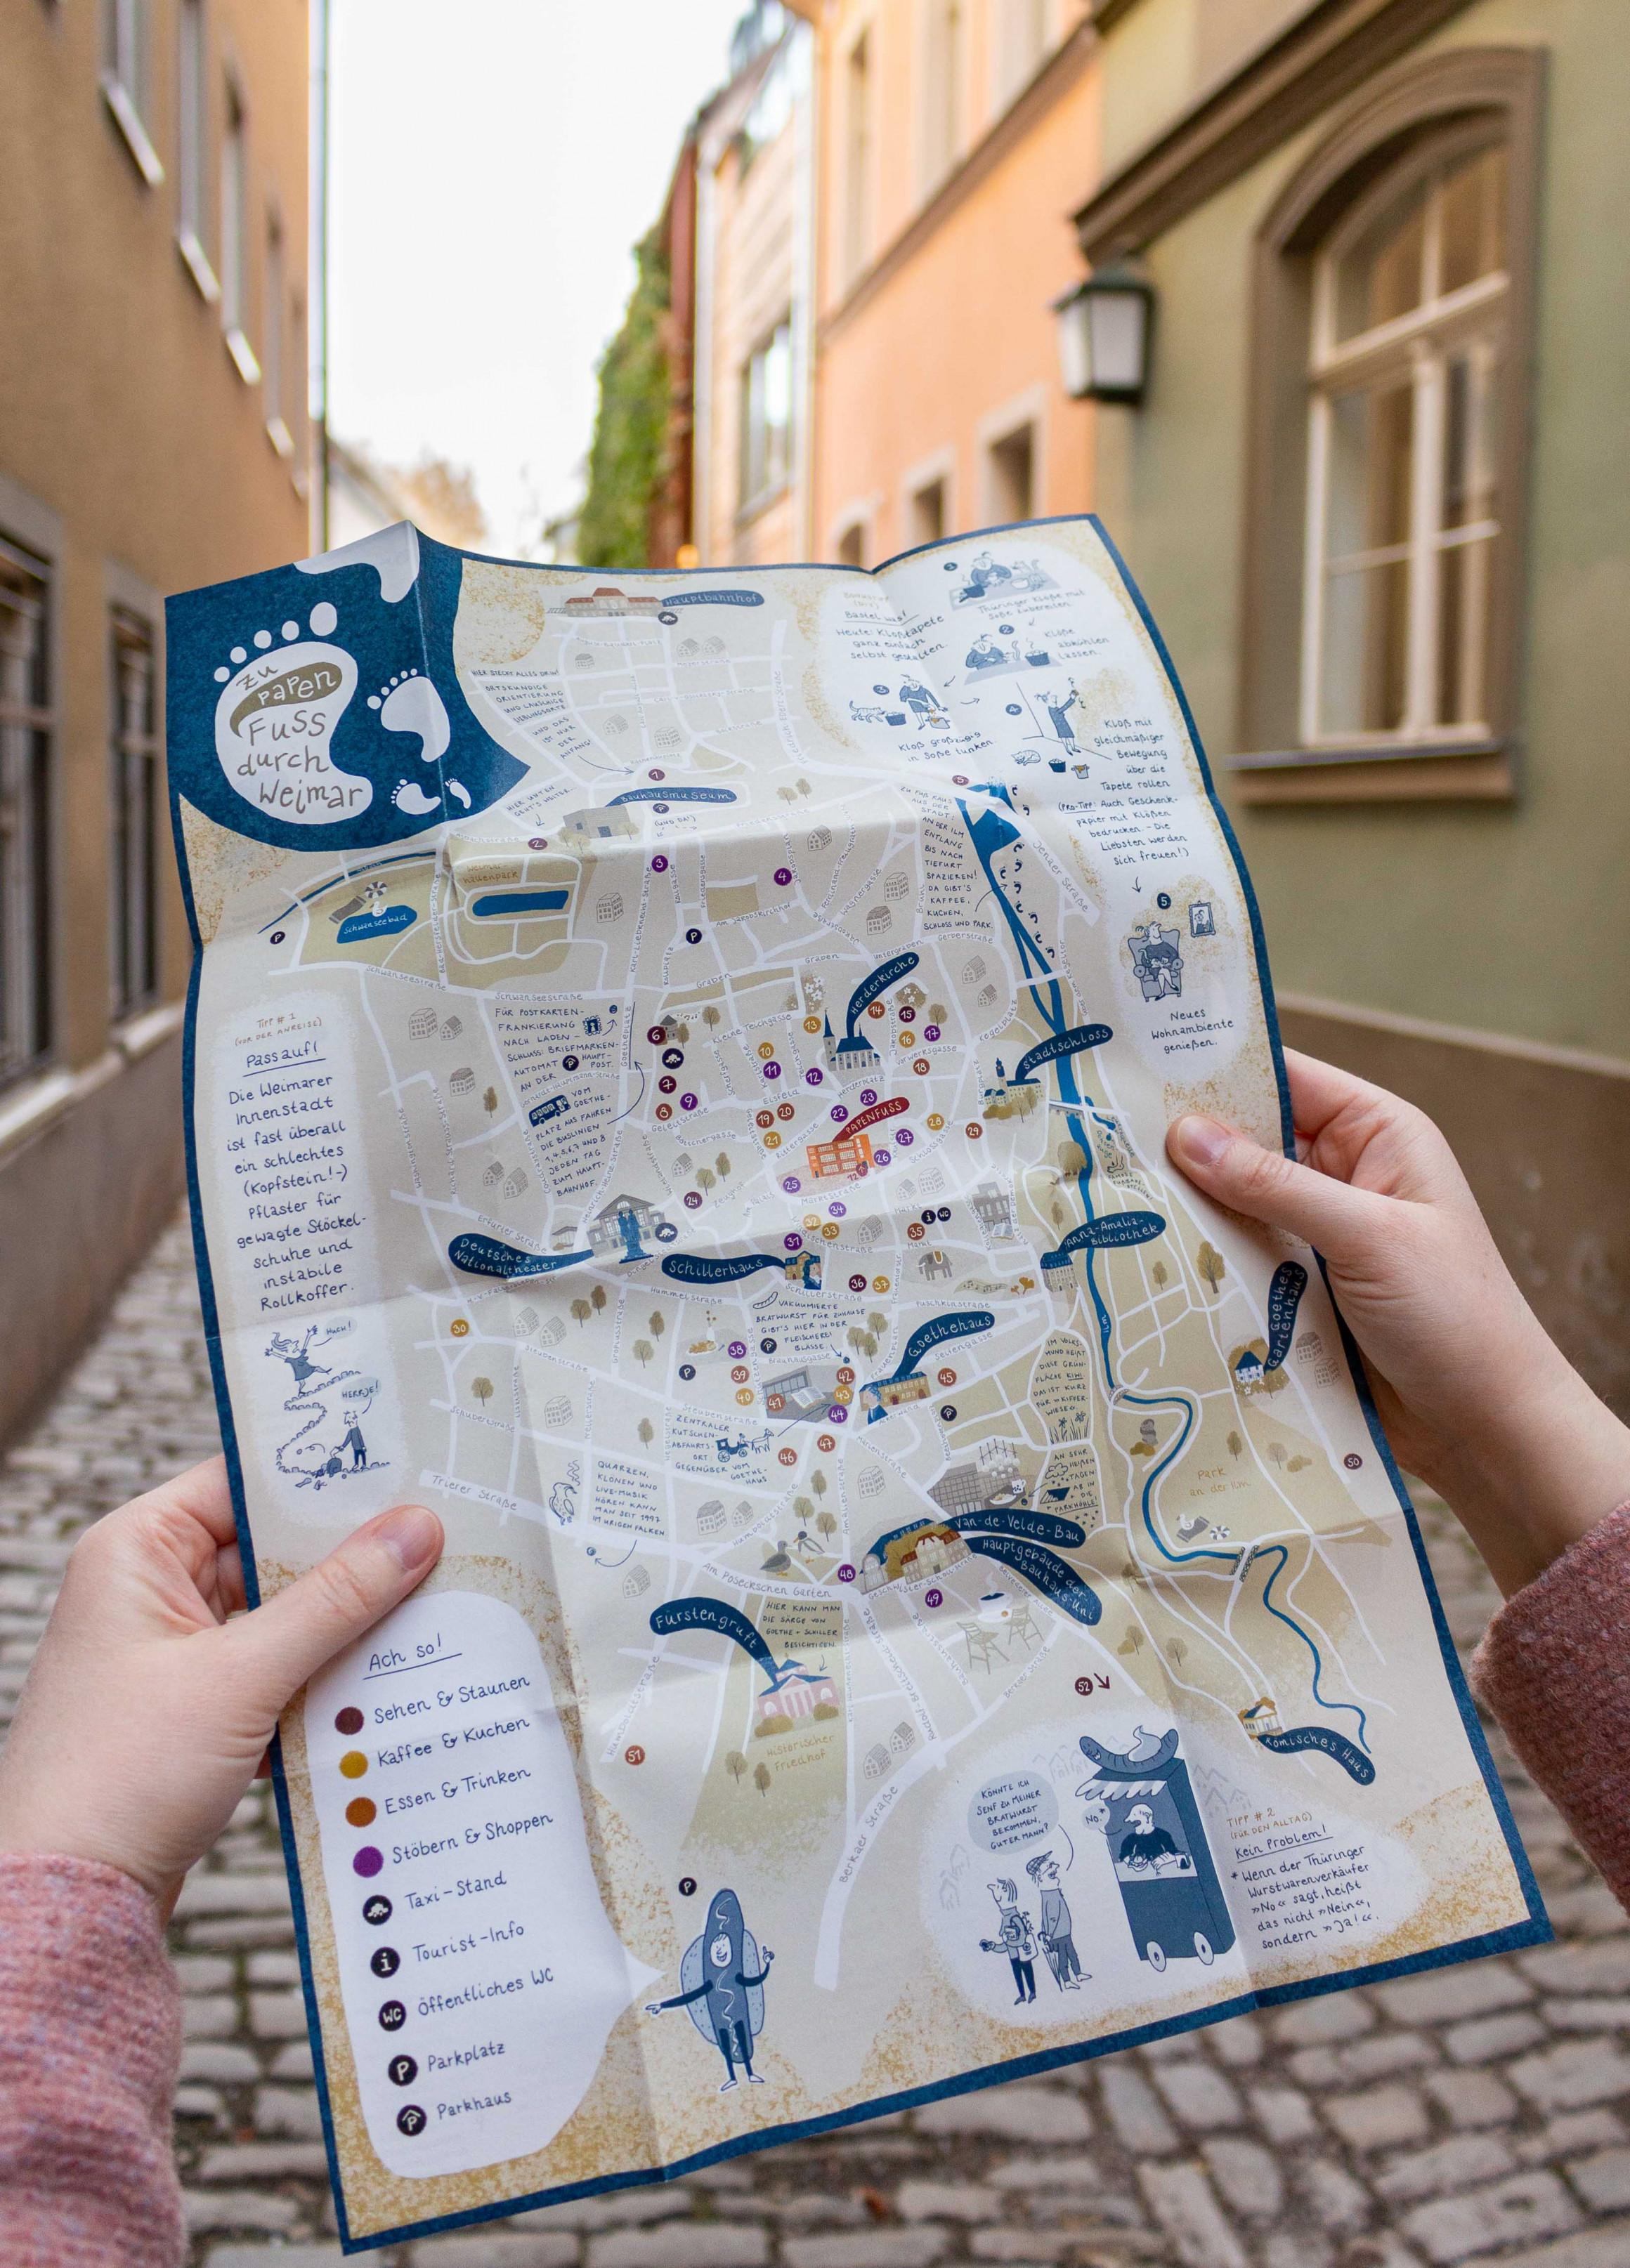 Aufgeklappter Stadtplan vor einer Stadtkulisse.